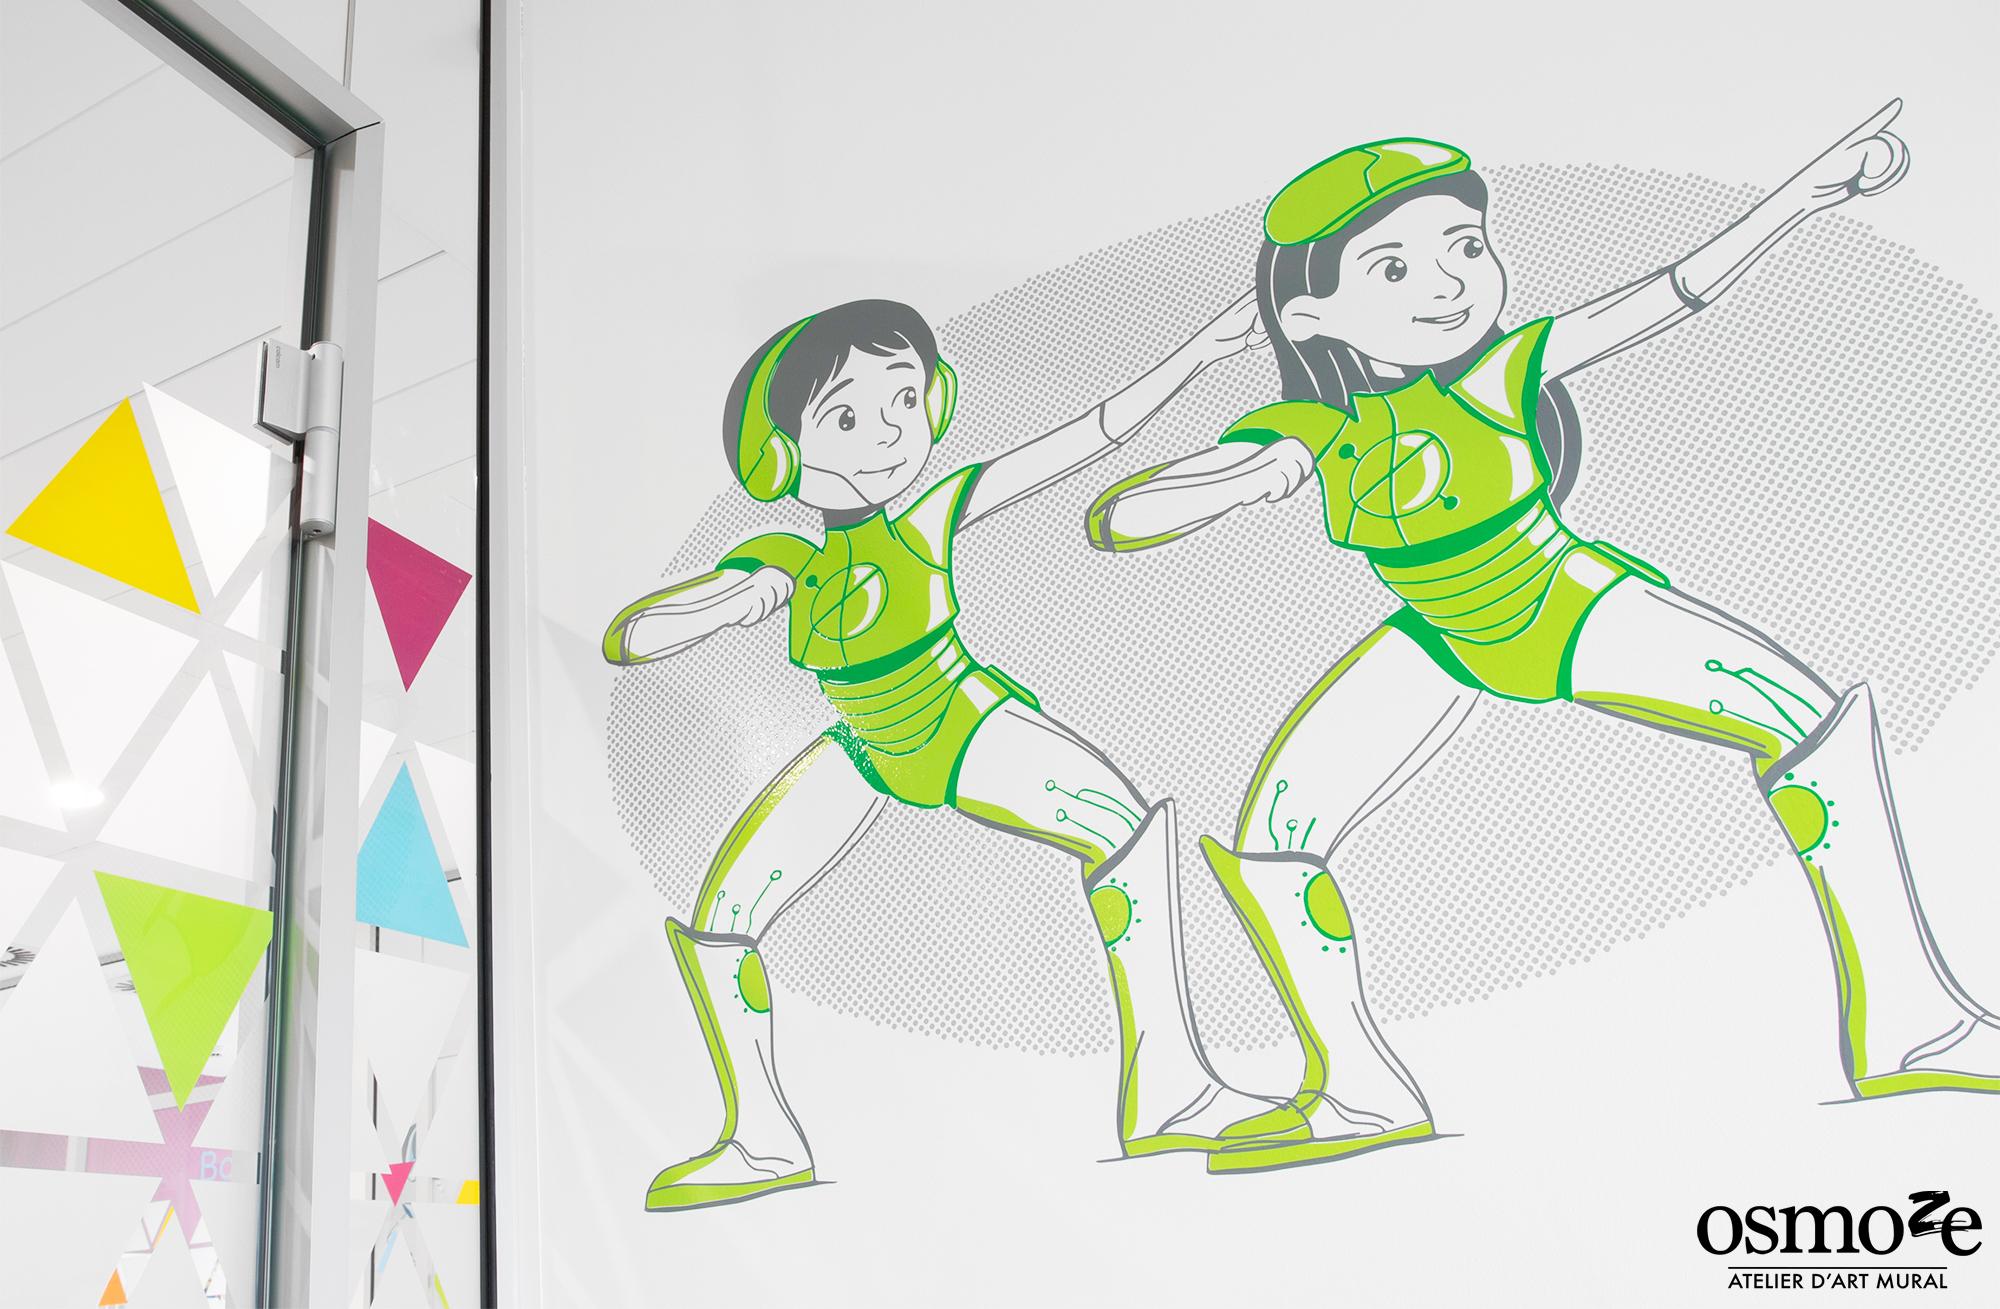 Décoration murale colorée > HUDERF